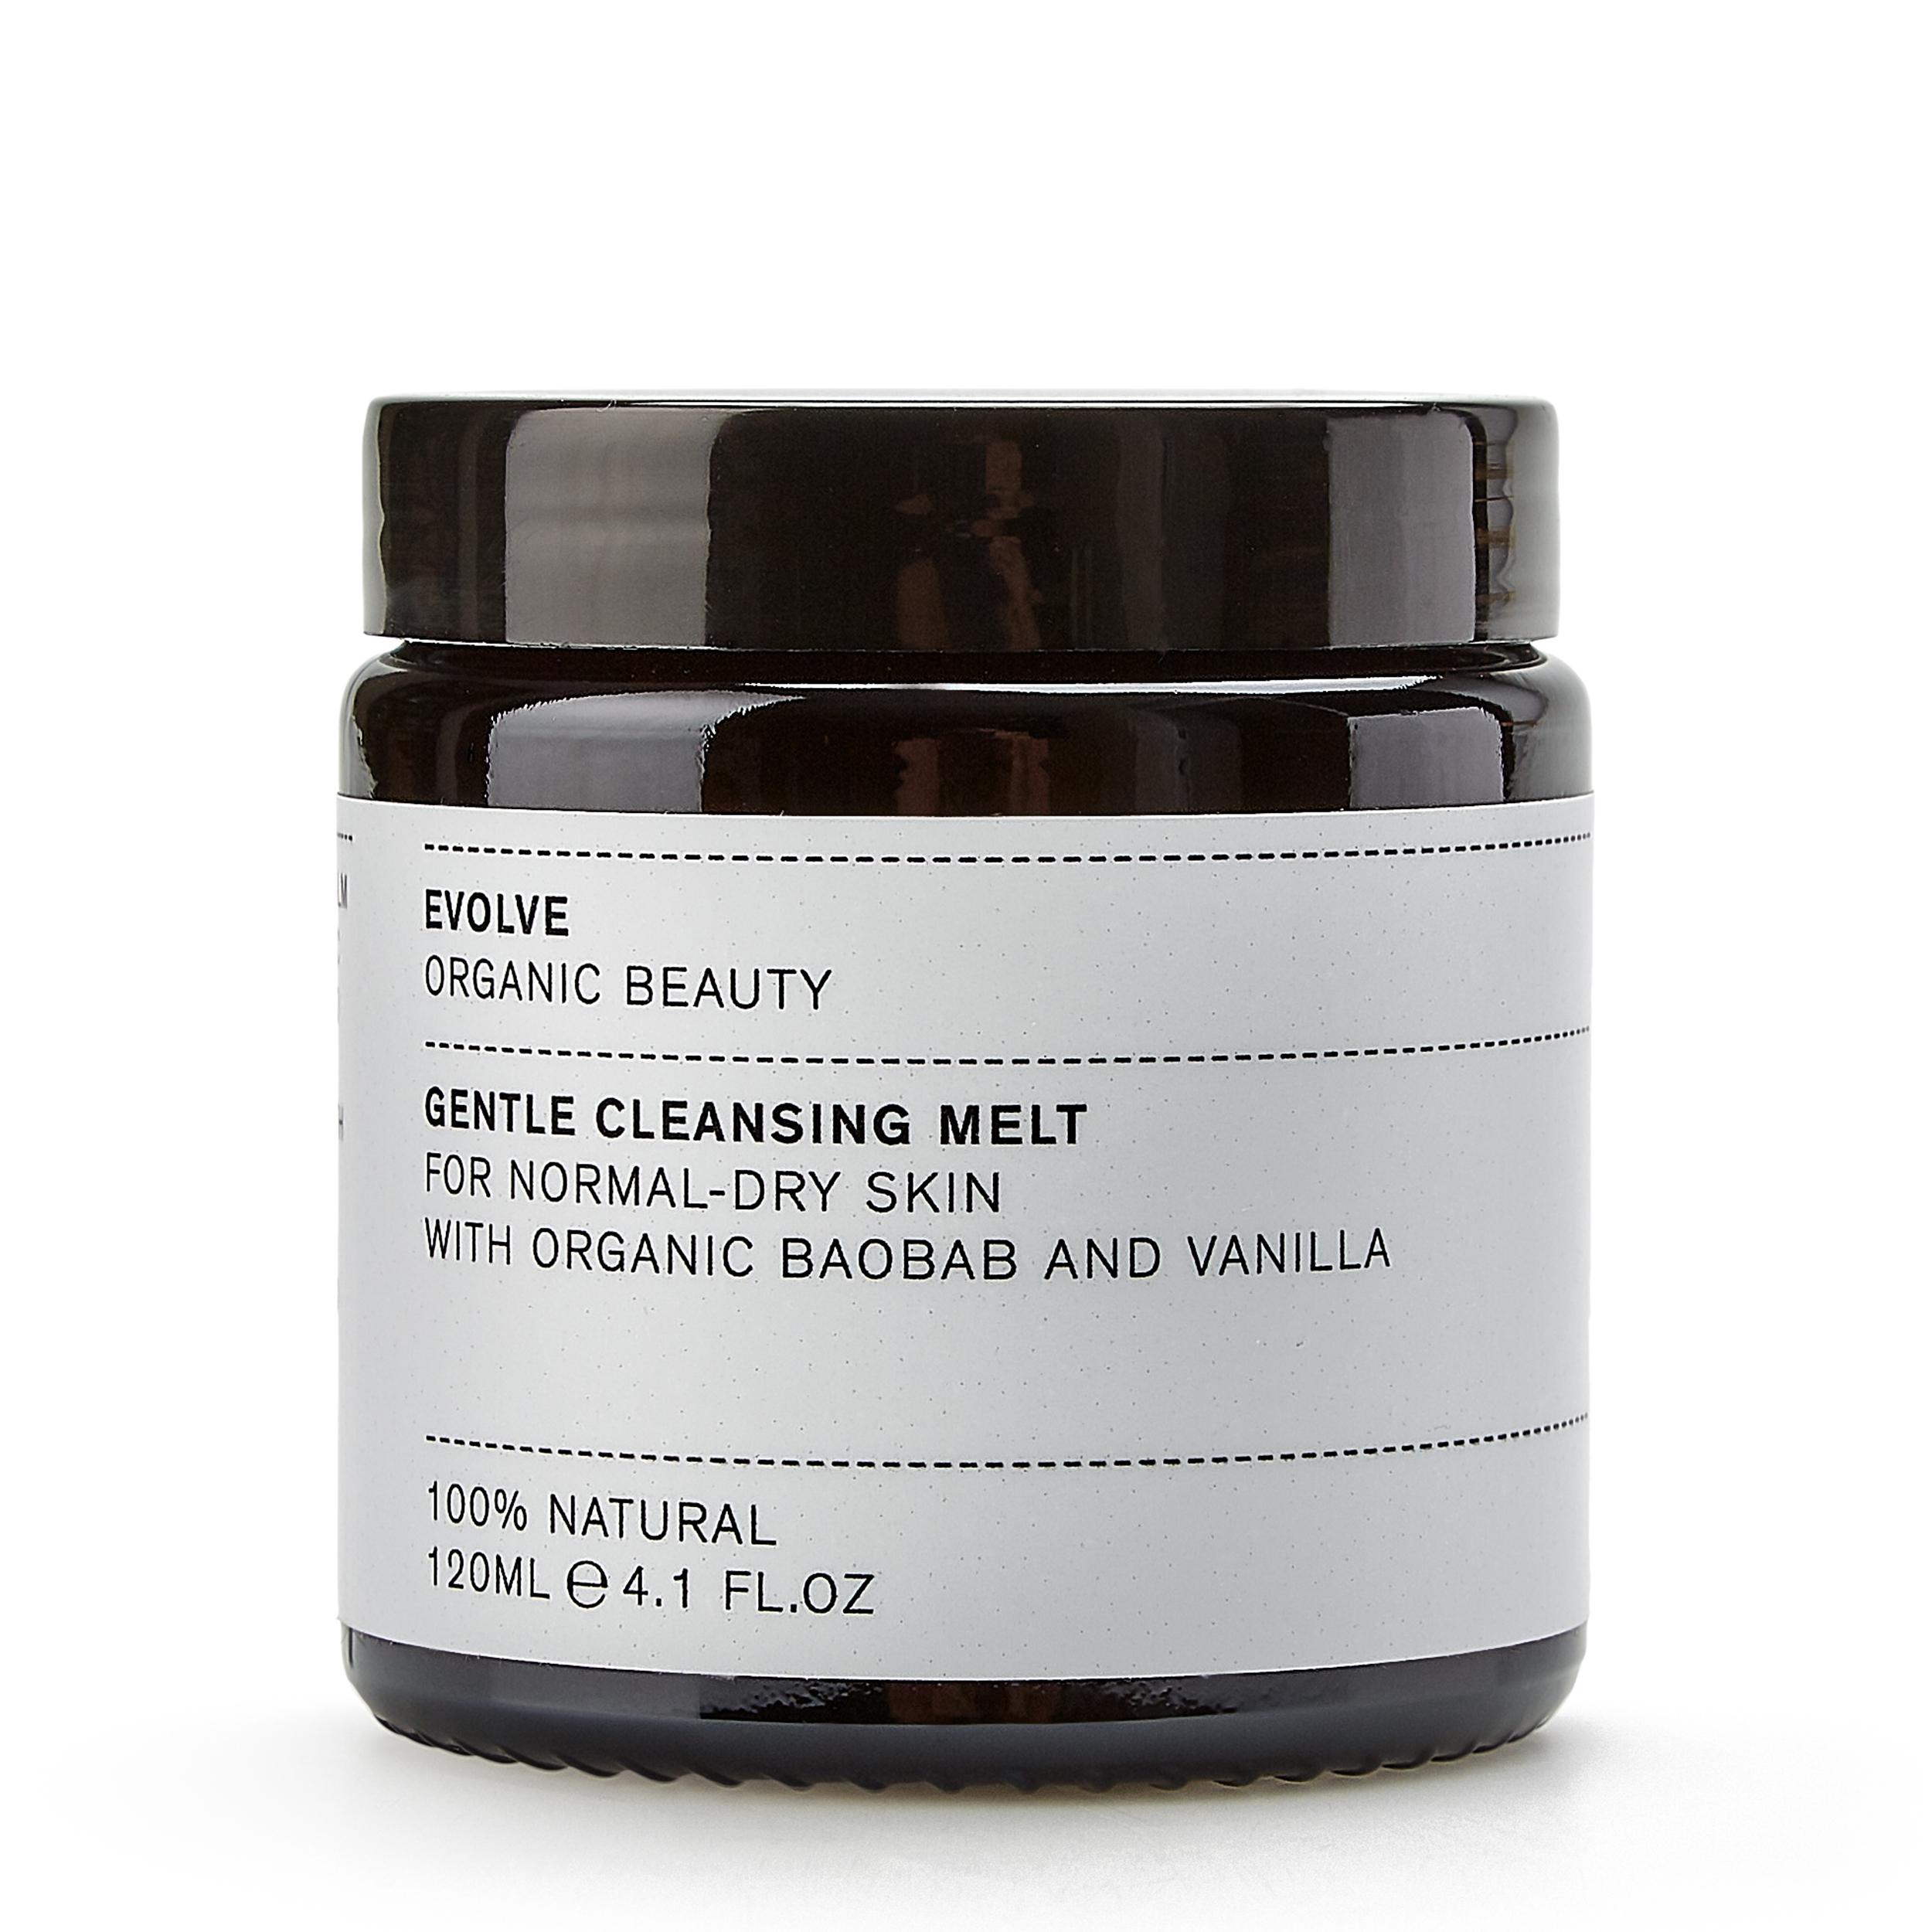 Купить Evolve Organic Beauty Бальзам для очищения кожи «Gentle Cleansing Melt» 120 мл